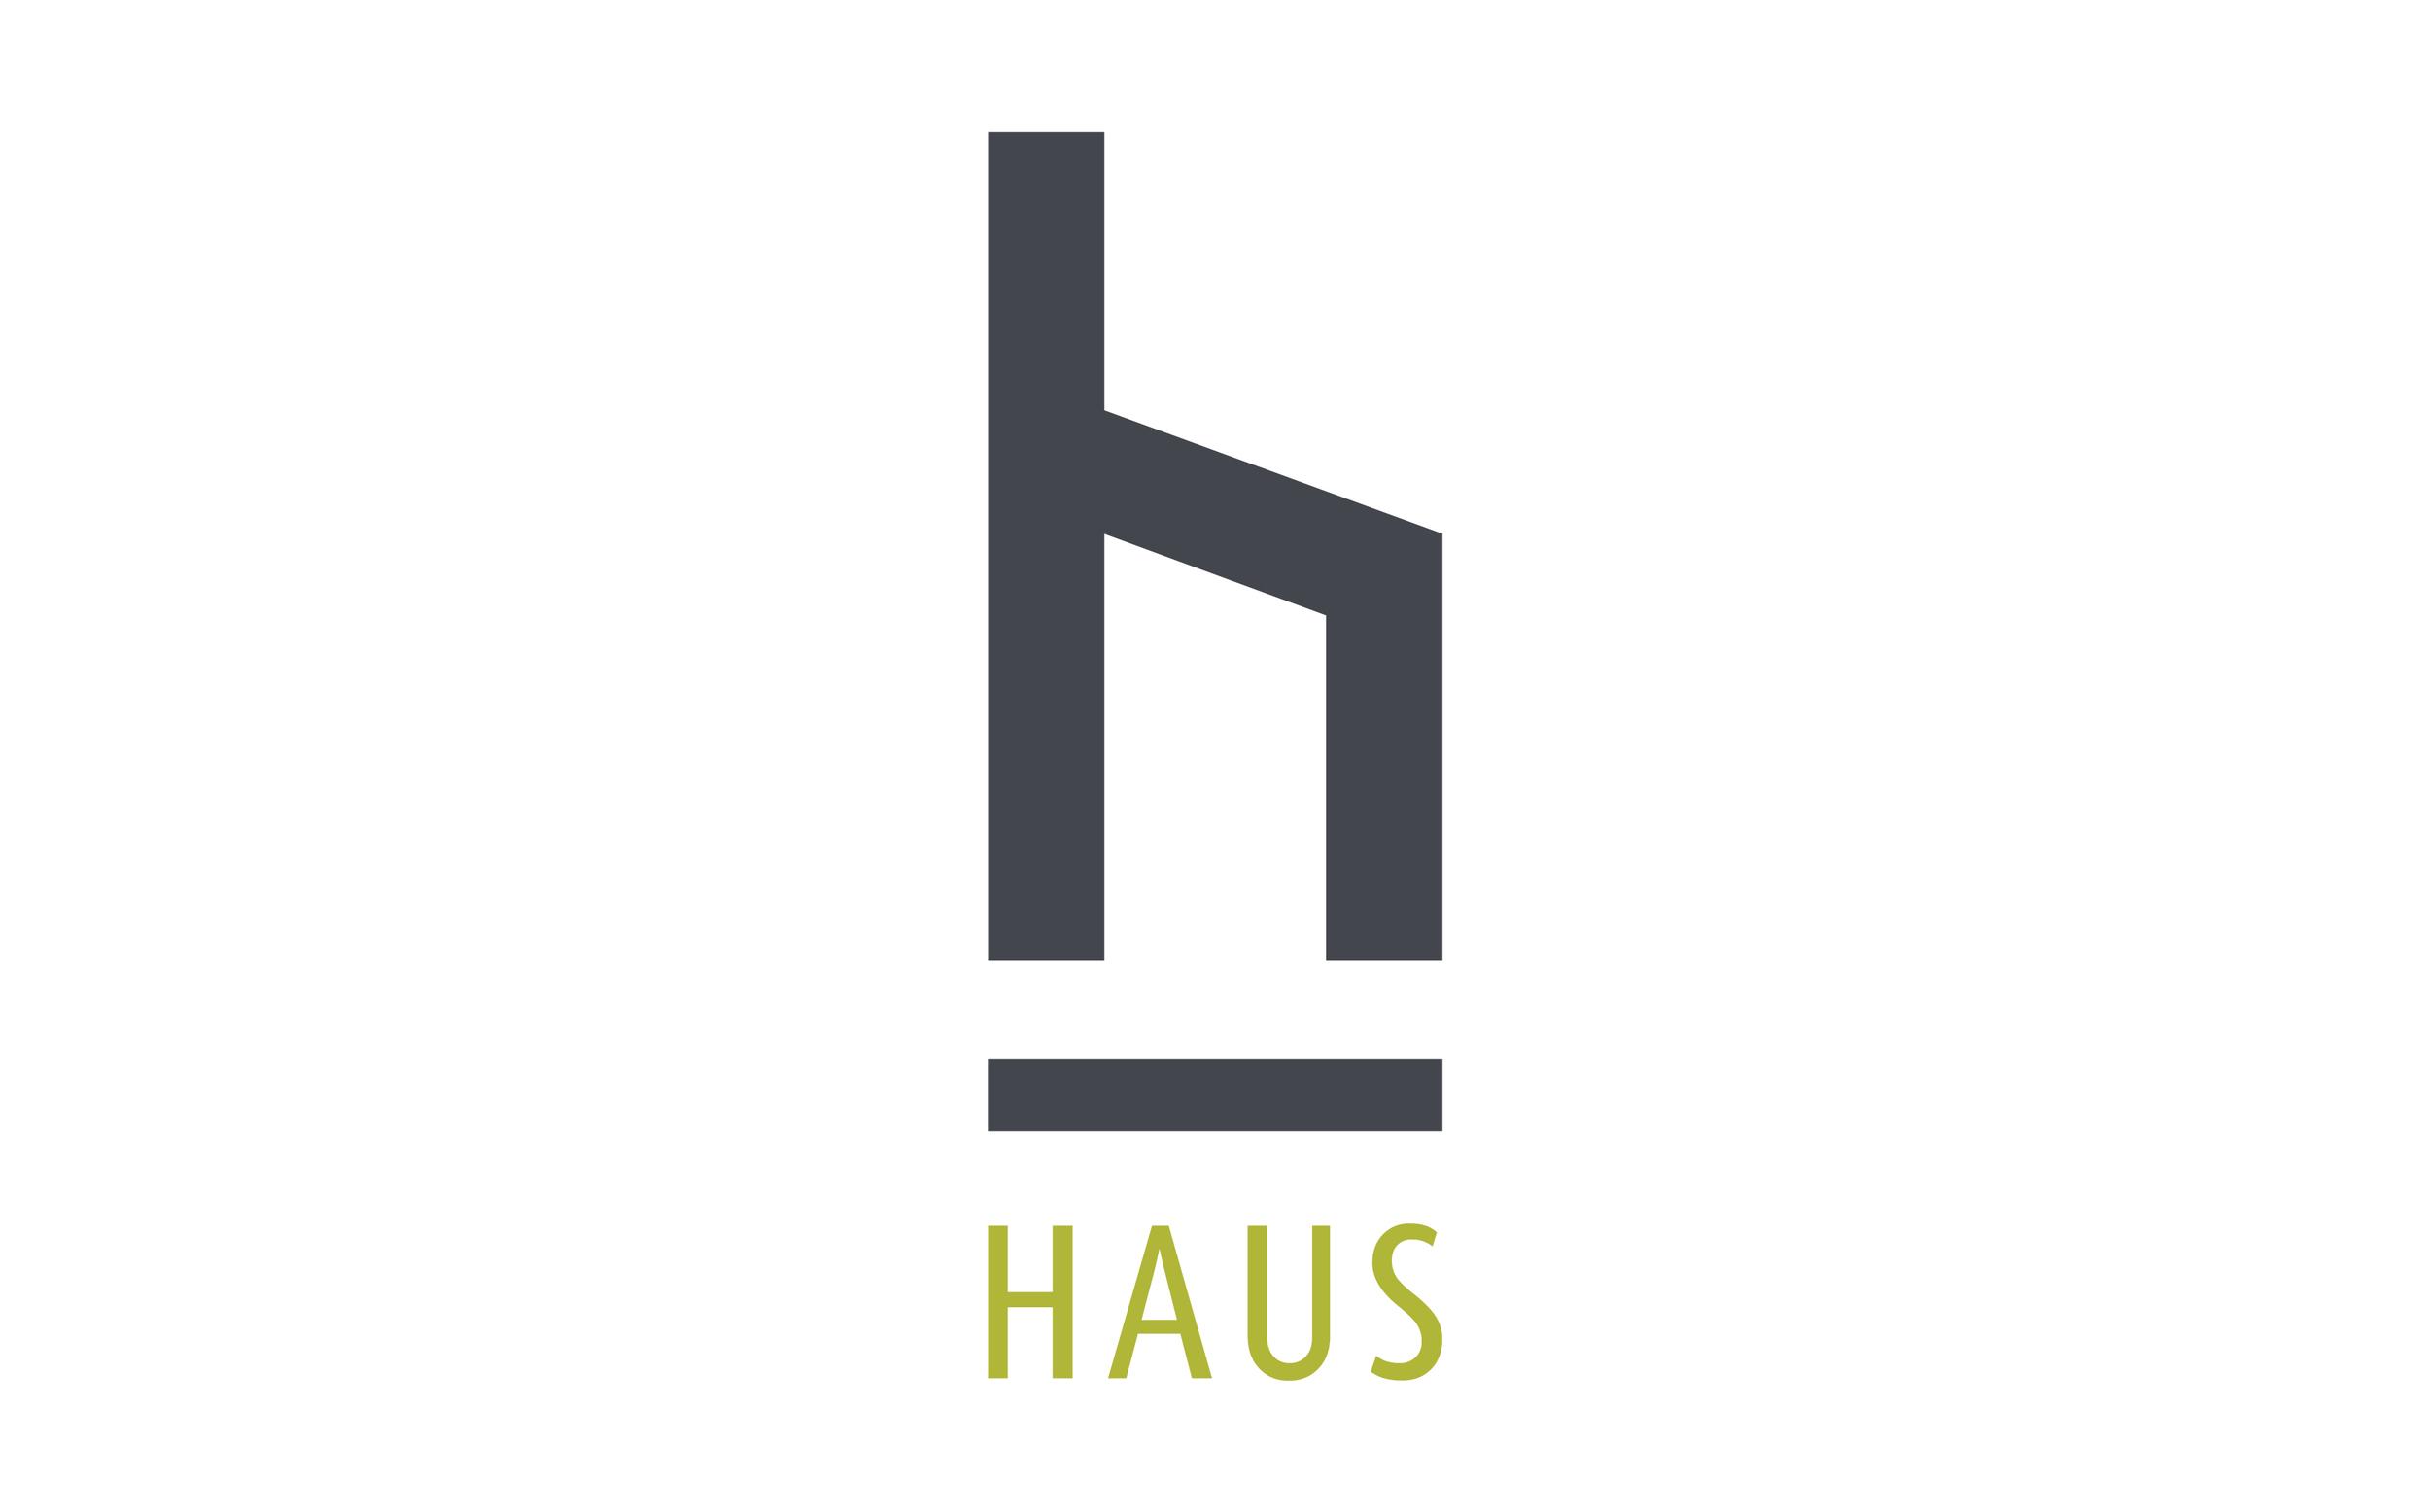 haus_logo.jpg